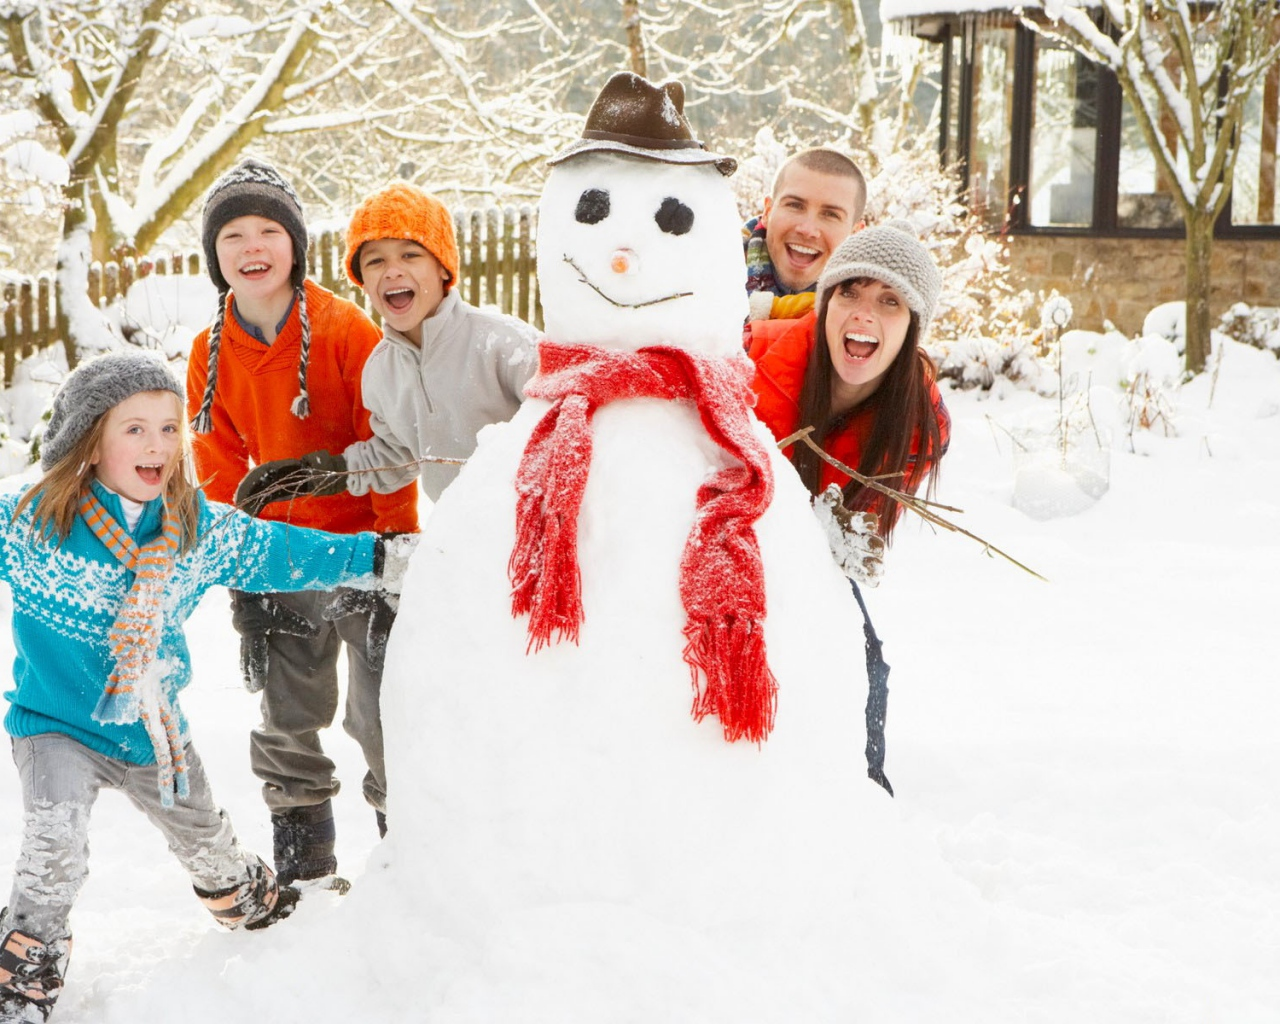 snowman_children_snow_winter_games_54512_1280x1024